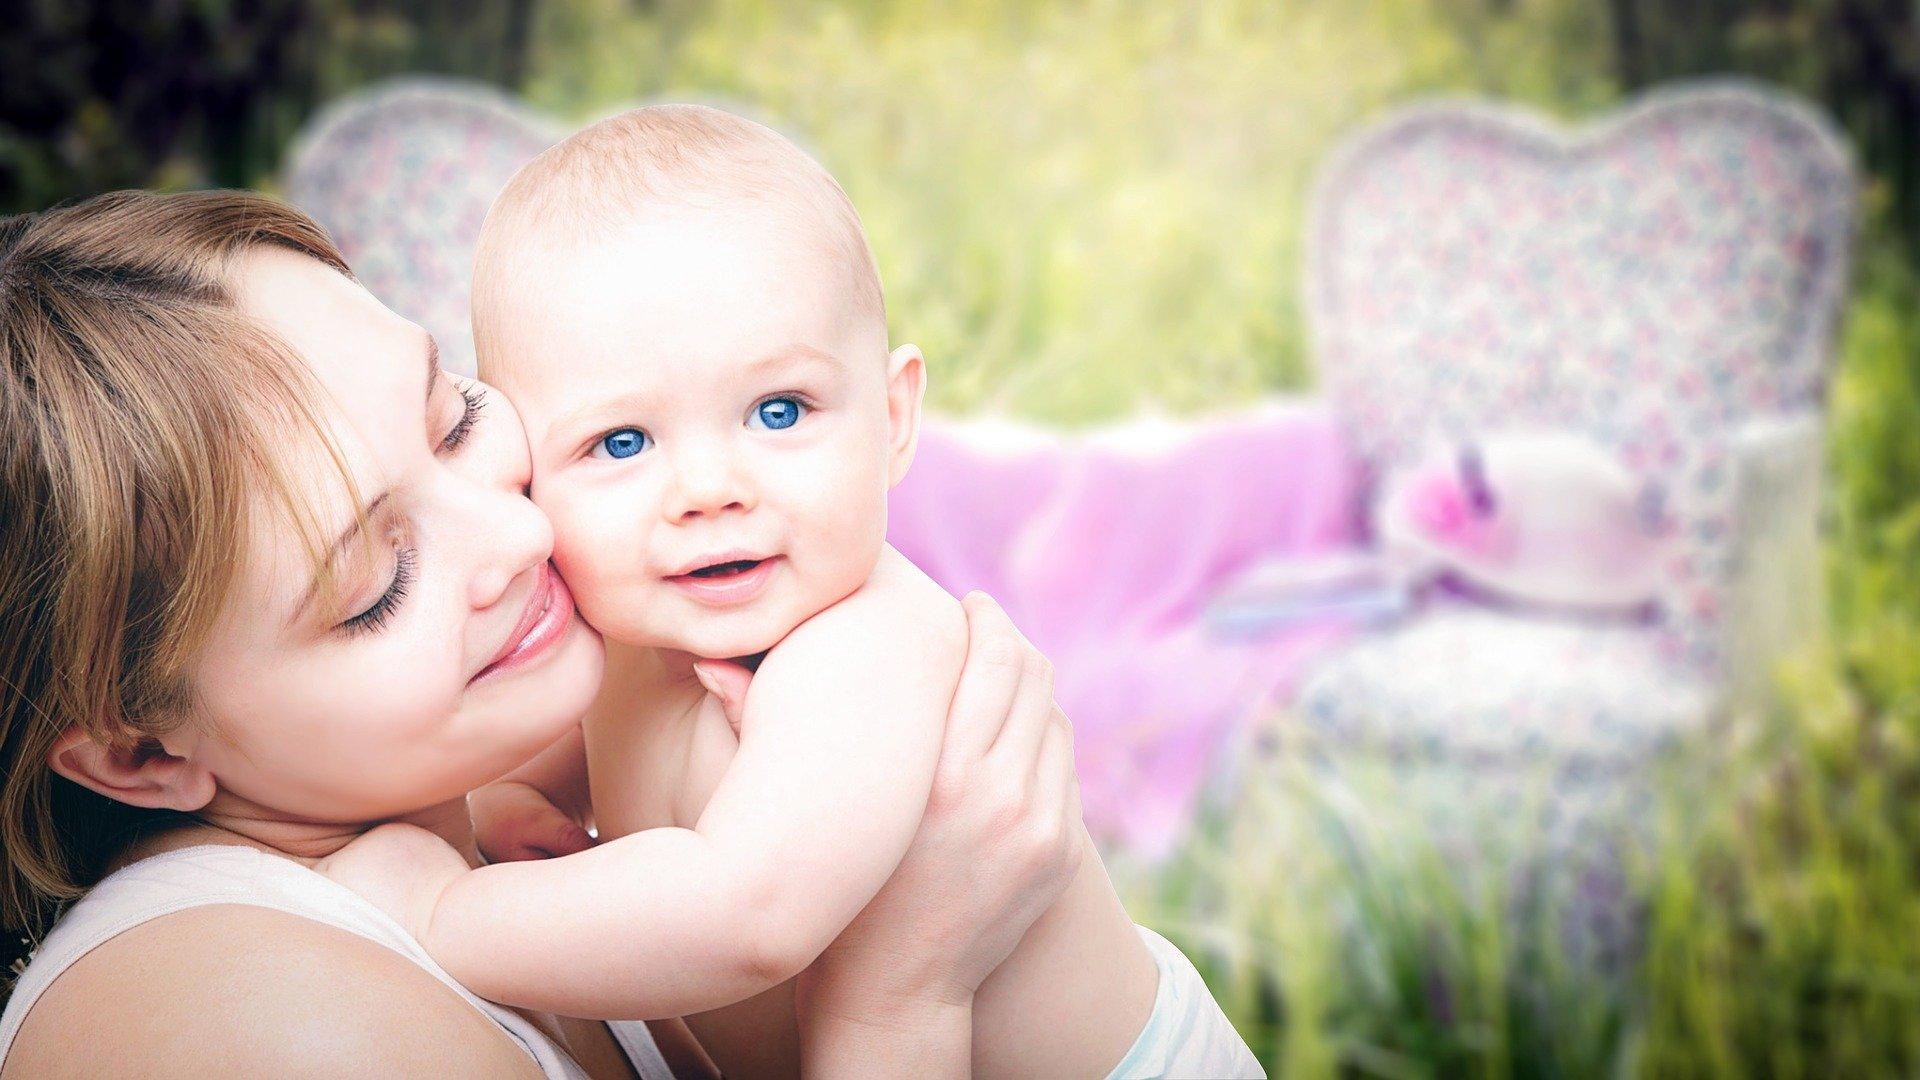 幸福になれない原因は母親との関係がキー